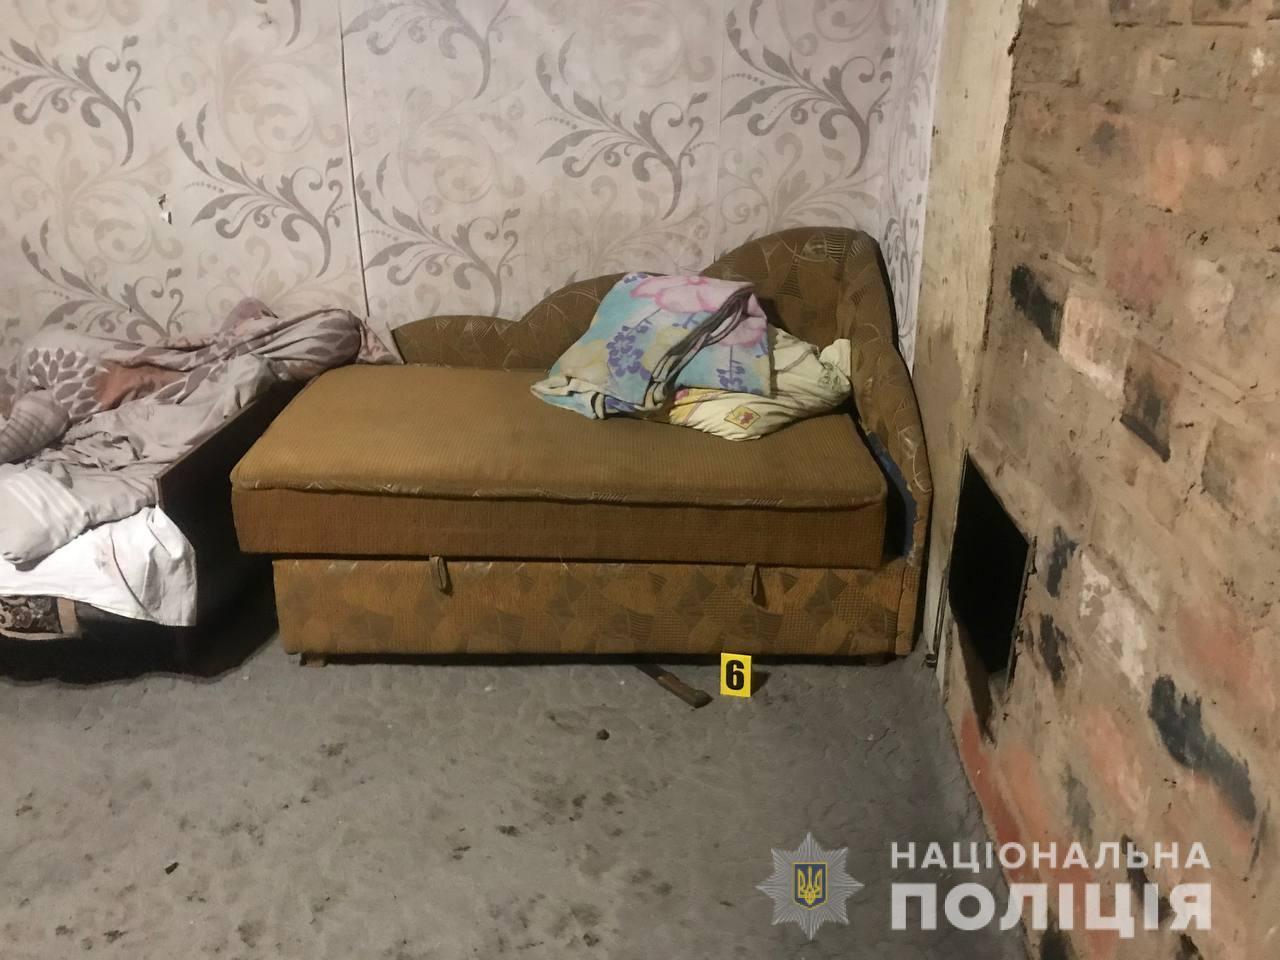 На Харьковщине взяты в заложники 4-летний мальчик и его мать